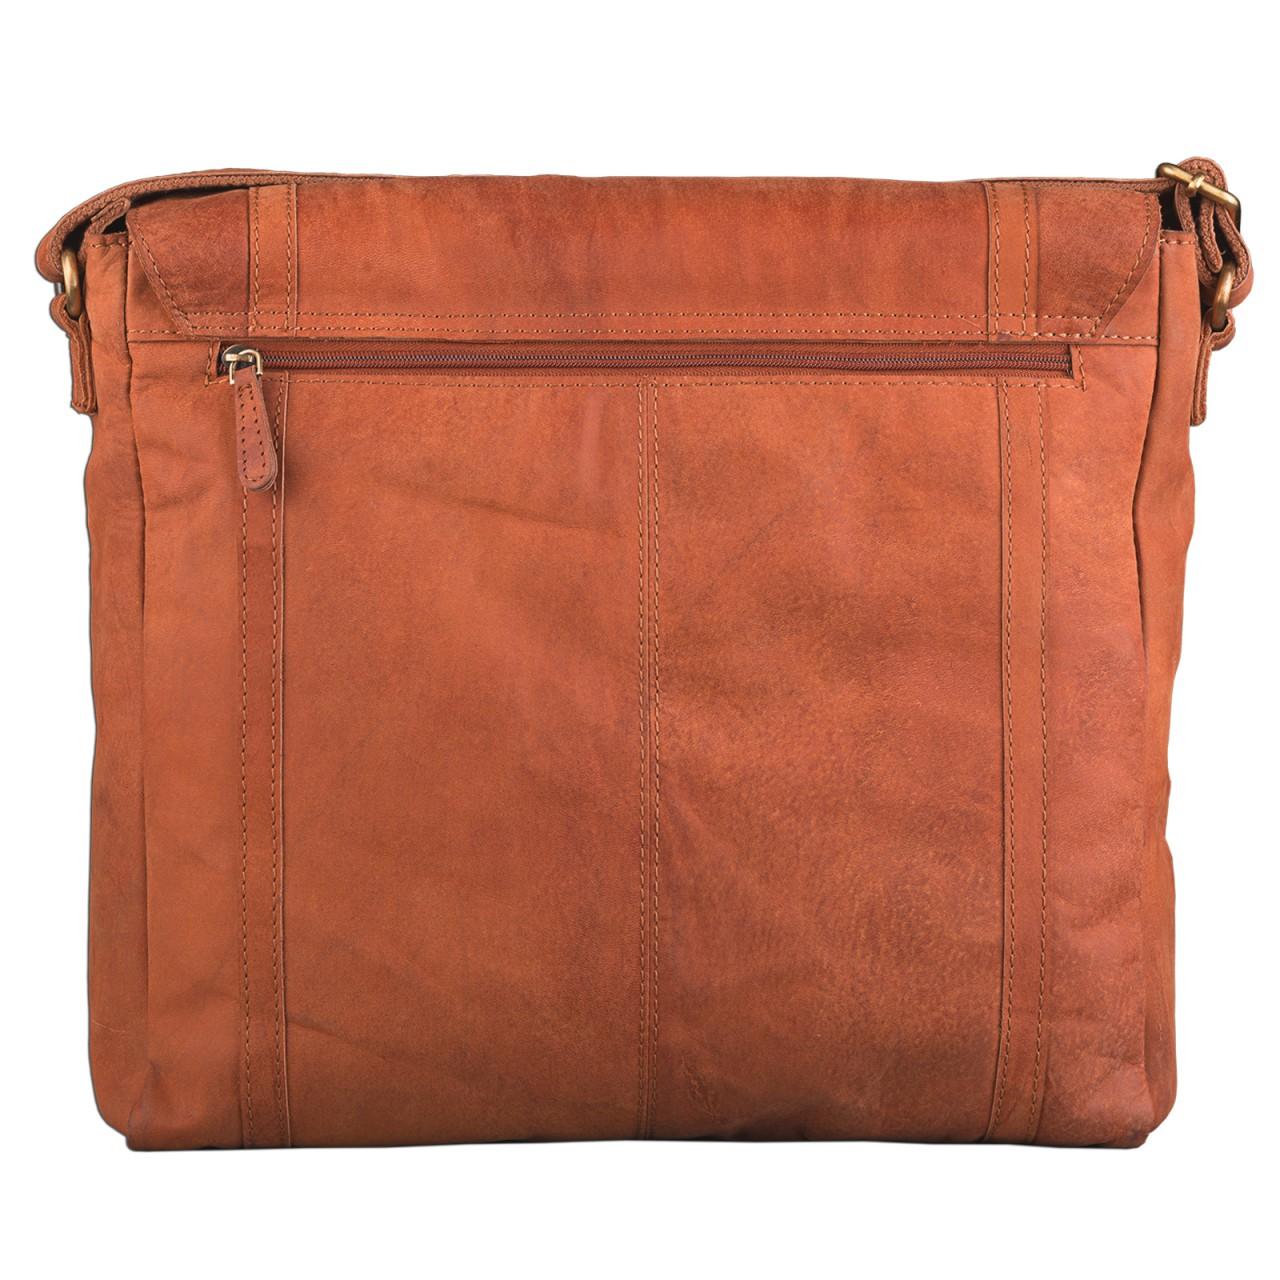 STILORD Schultertasche Ledertasche Umhängetasche Messenger Bag MacBook Laptop 14 Zoll A4 Akten Uni Freizeit Arbeit Leder orange braun - Bild 8